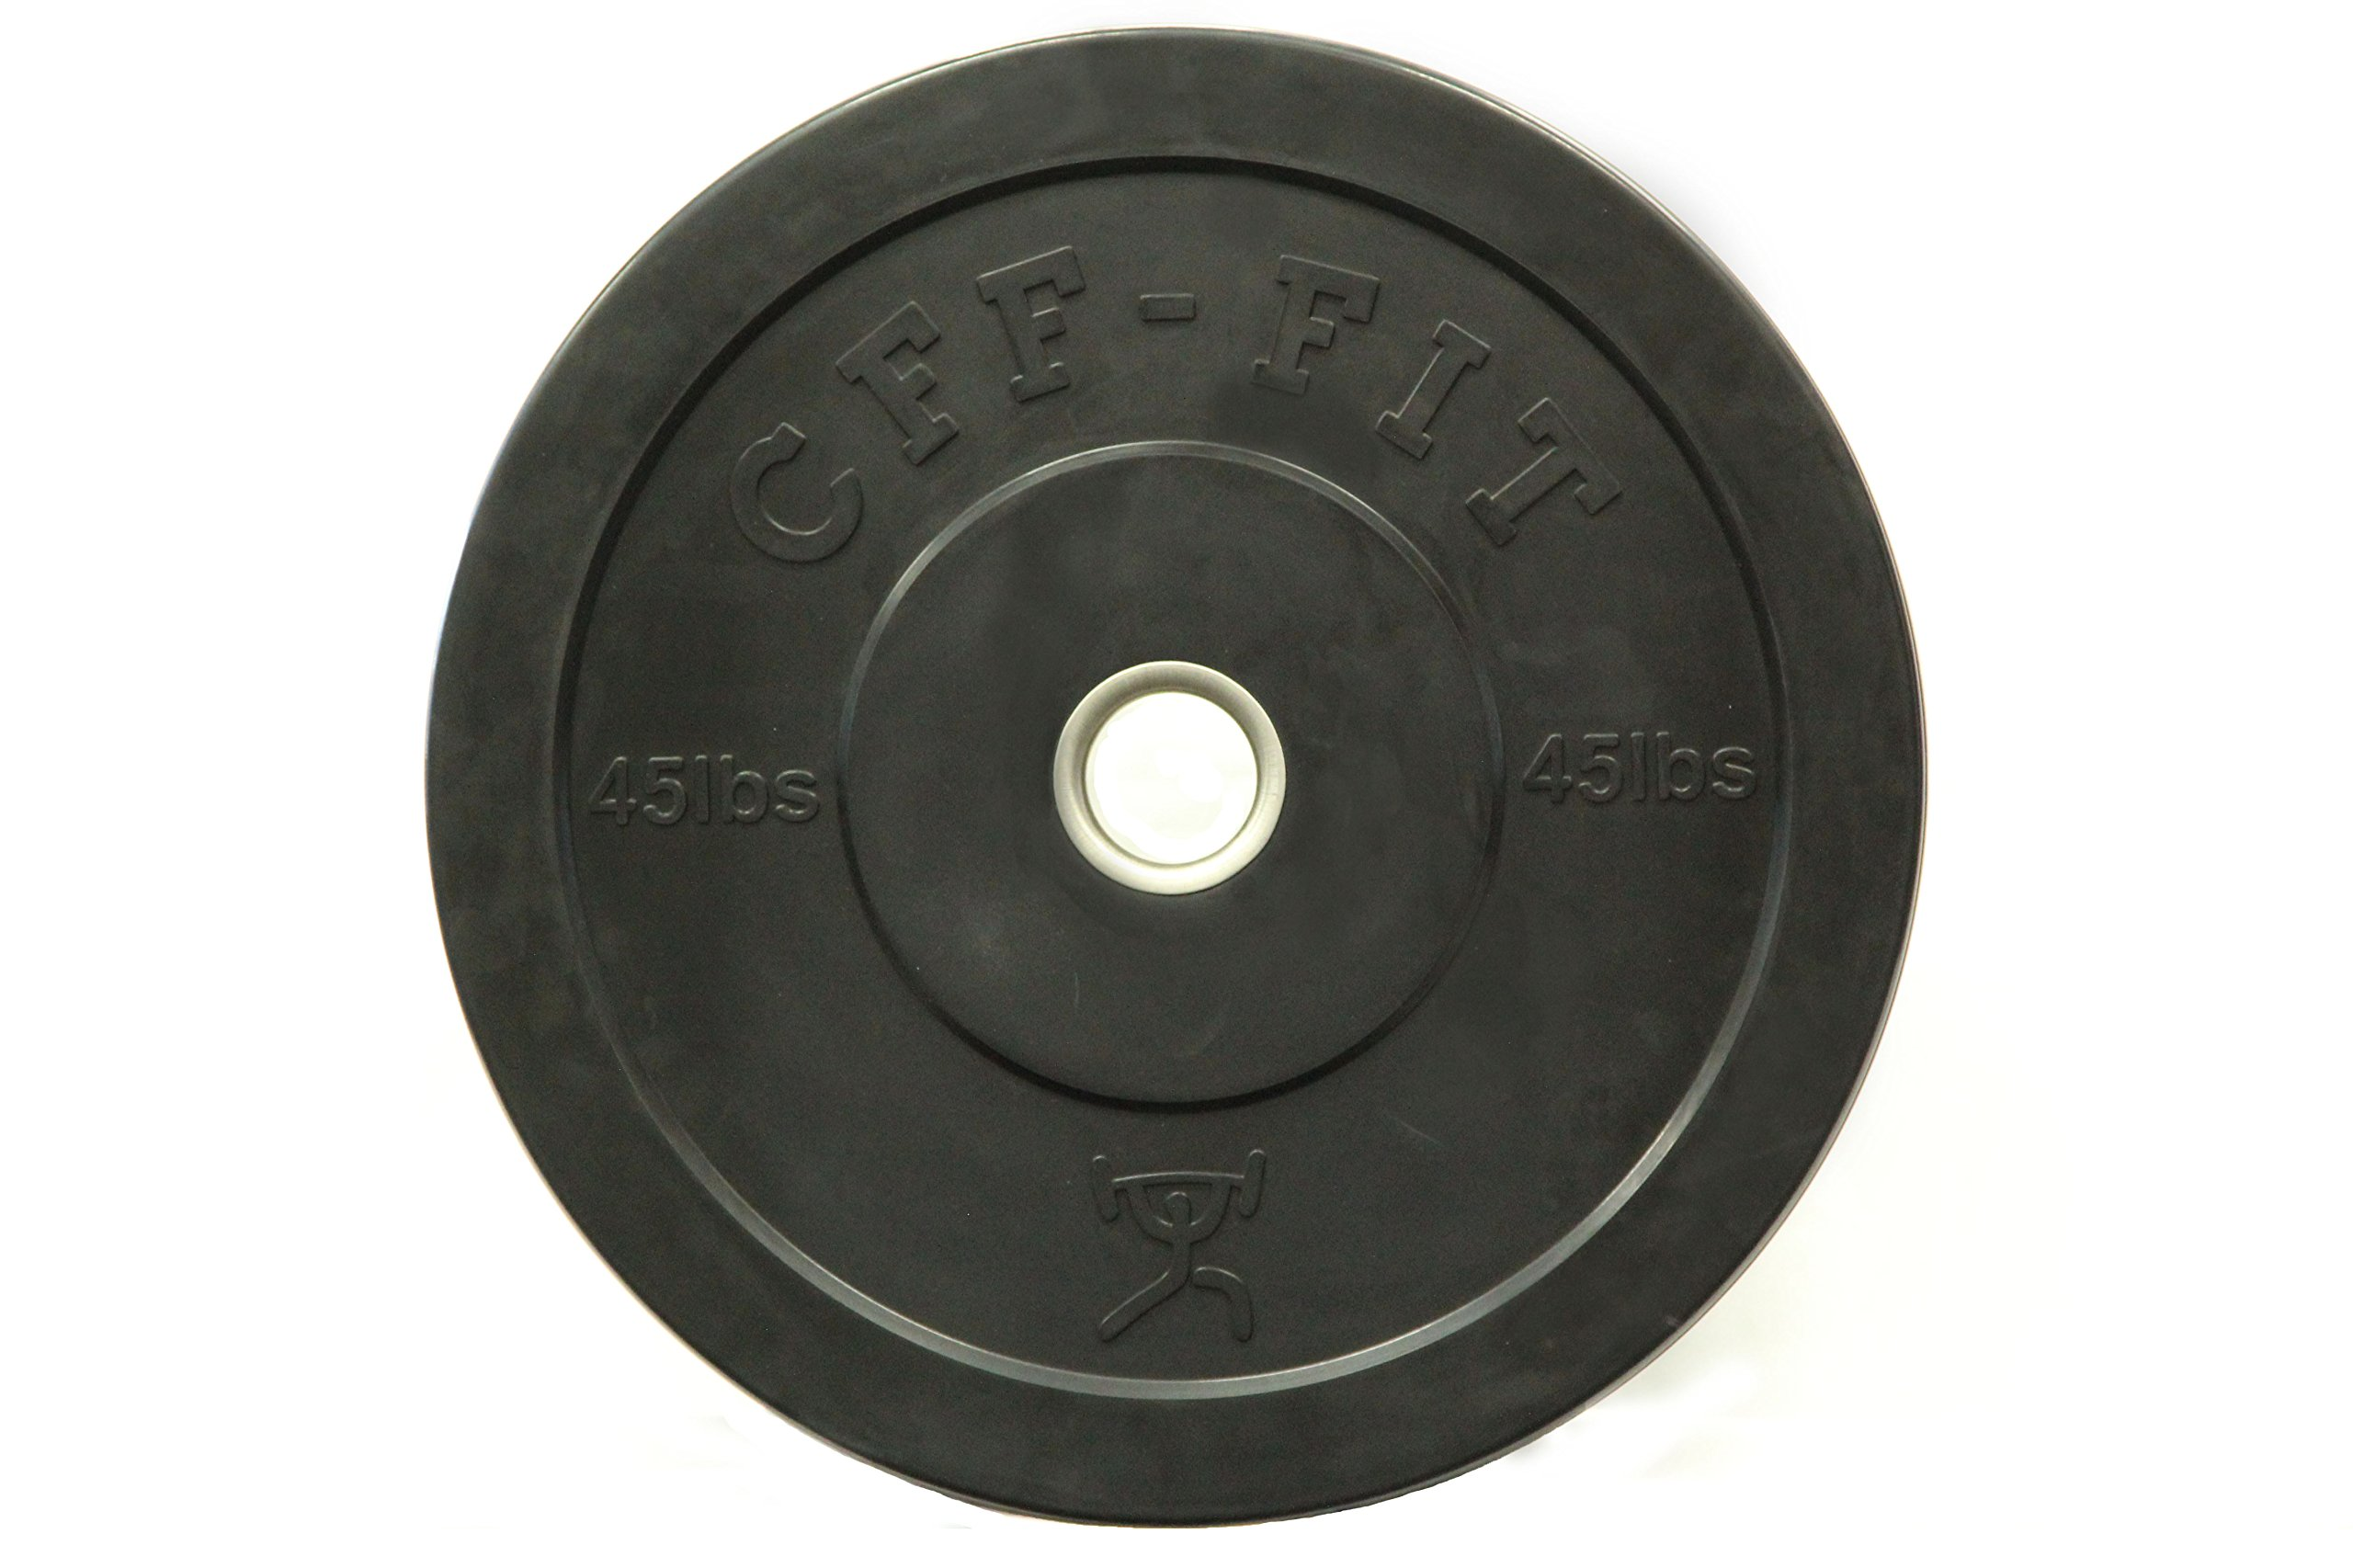 CFF Rubber Bumper Plates, Black, 45 lb